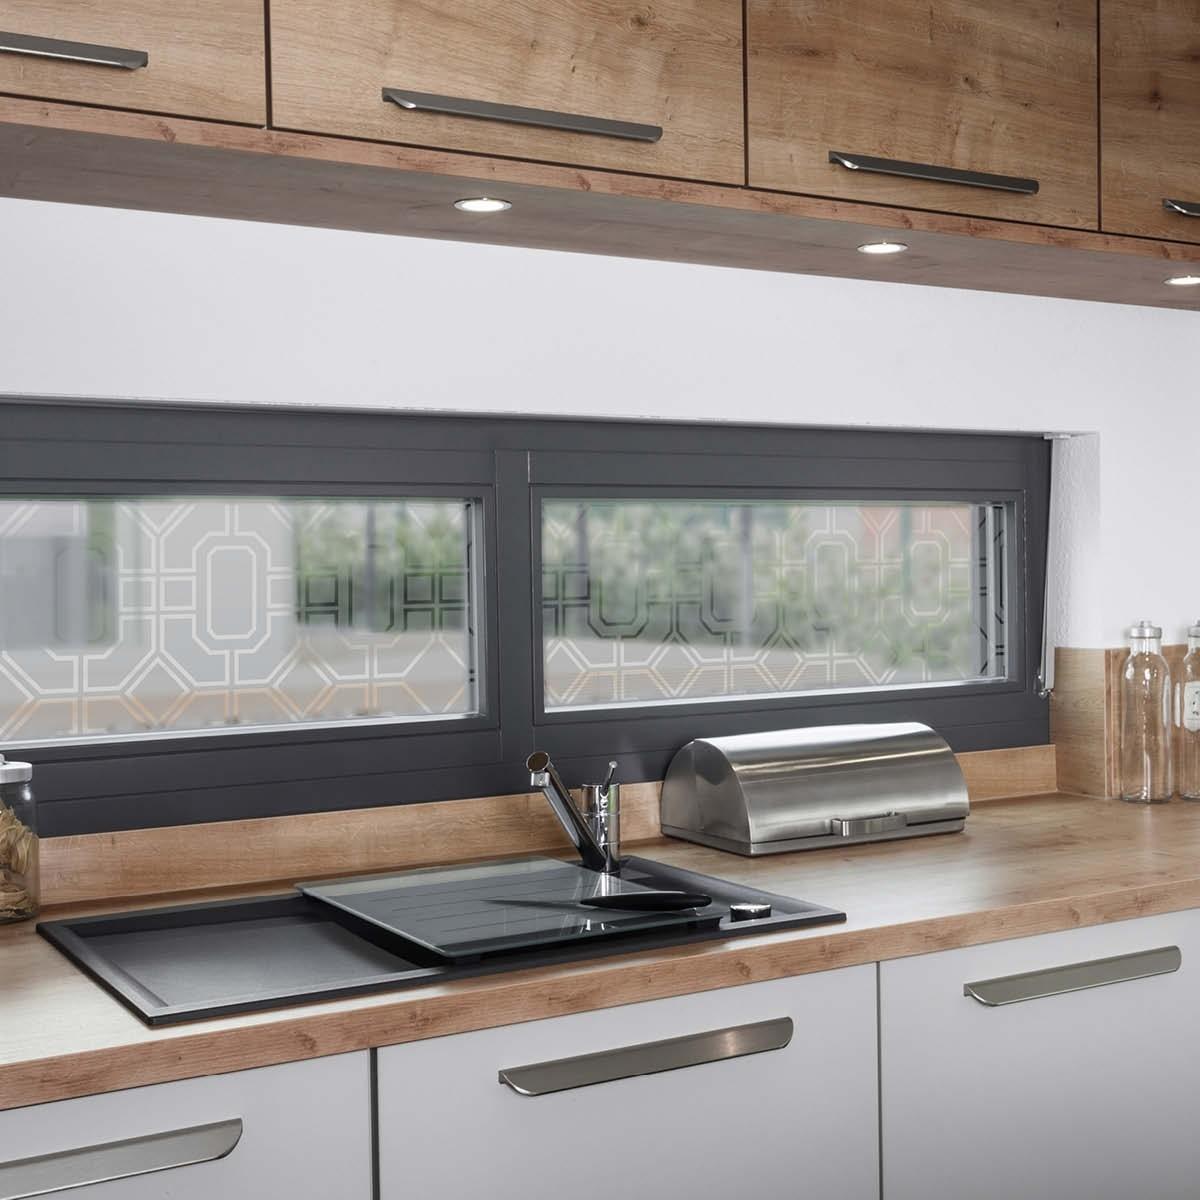 Full Size of Ikea Fensterfolie Anbringen Sichtschutz Bad Blickdicht Statische Modulküche Küche Kosten Sofa Mit Schlaffunktion Betten 160x200 Miniküche Kaufen Bei Wohnzimmer Fensterfolie Ikea